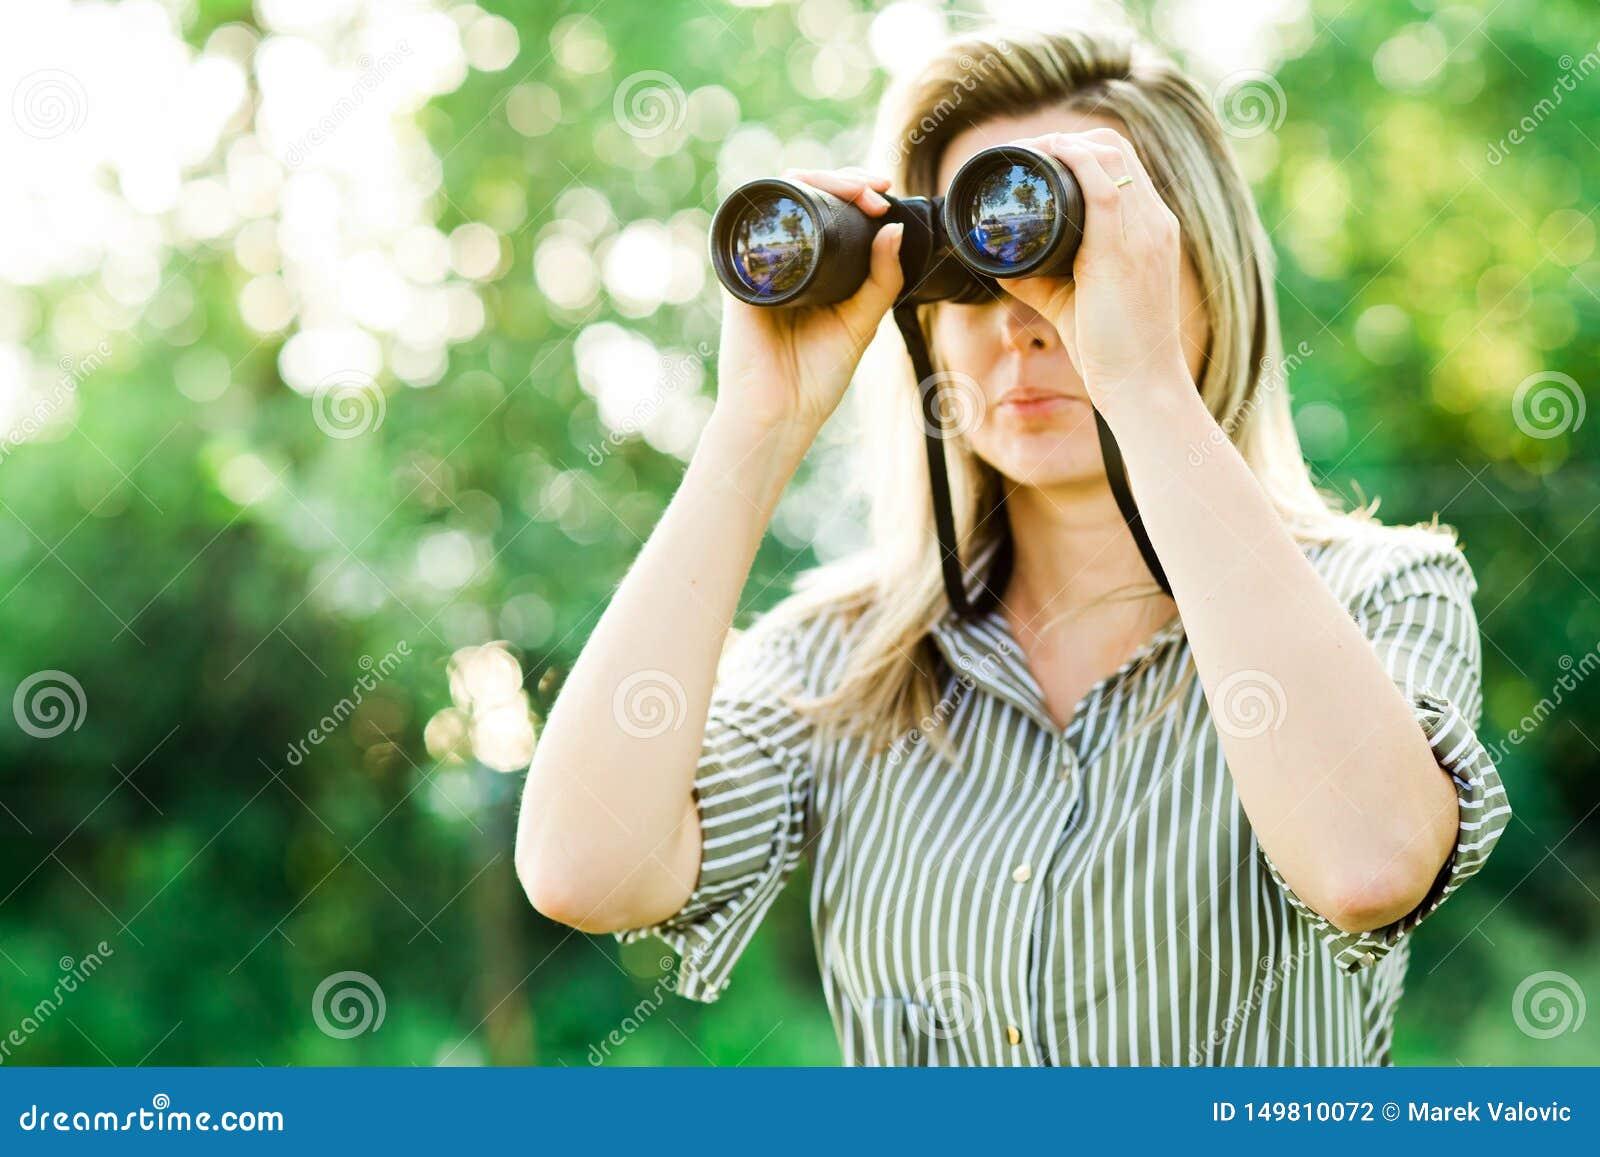 Eine Frau schaut durch die Ferngläser, die im Wald im Freien sind